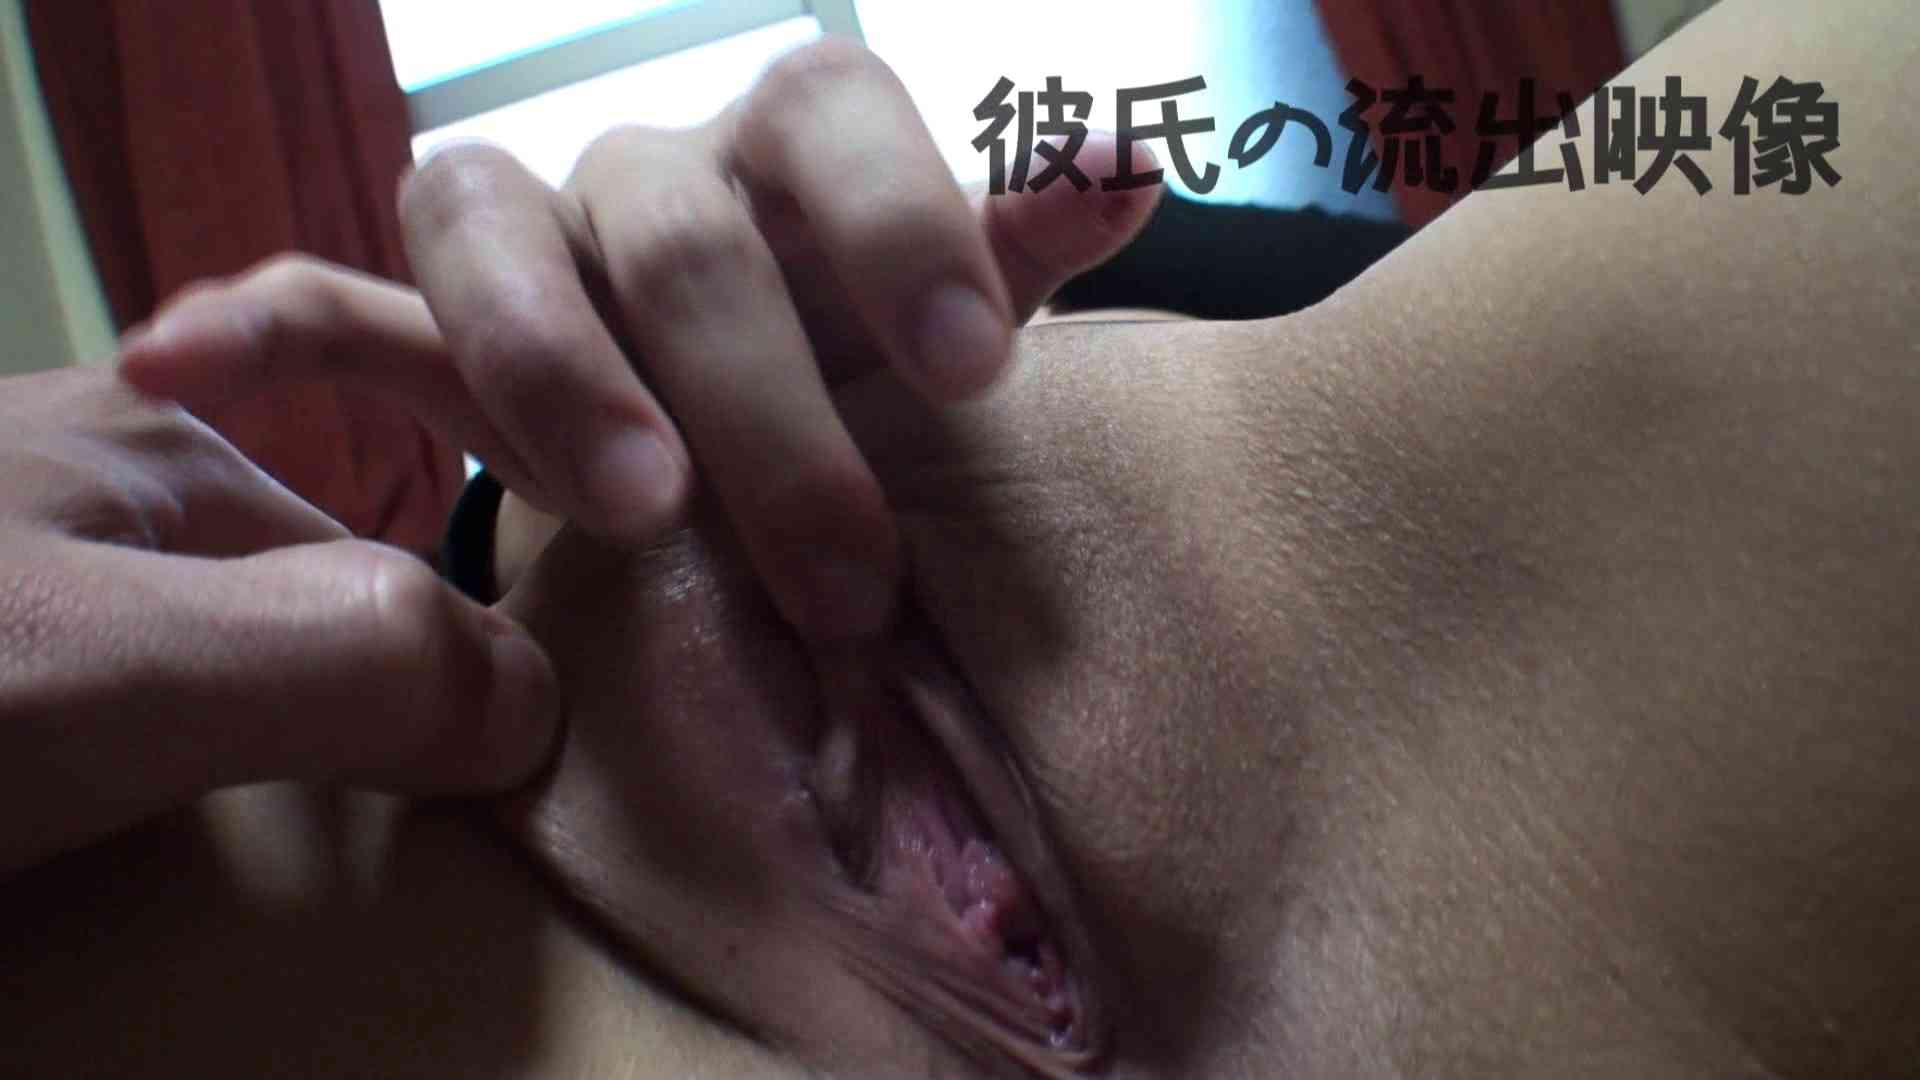 彼氏が流出 パイパン素人嬢のハメ撮り映像04 一般投稿  82連発 53